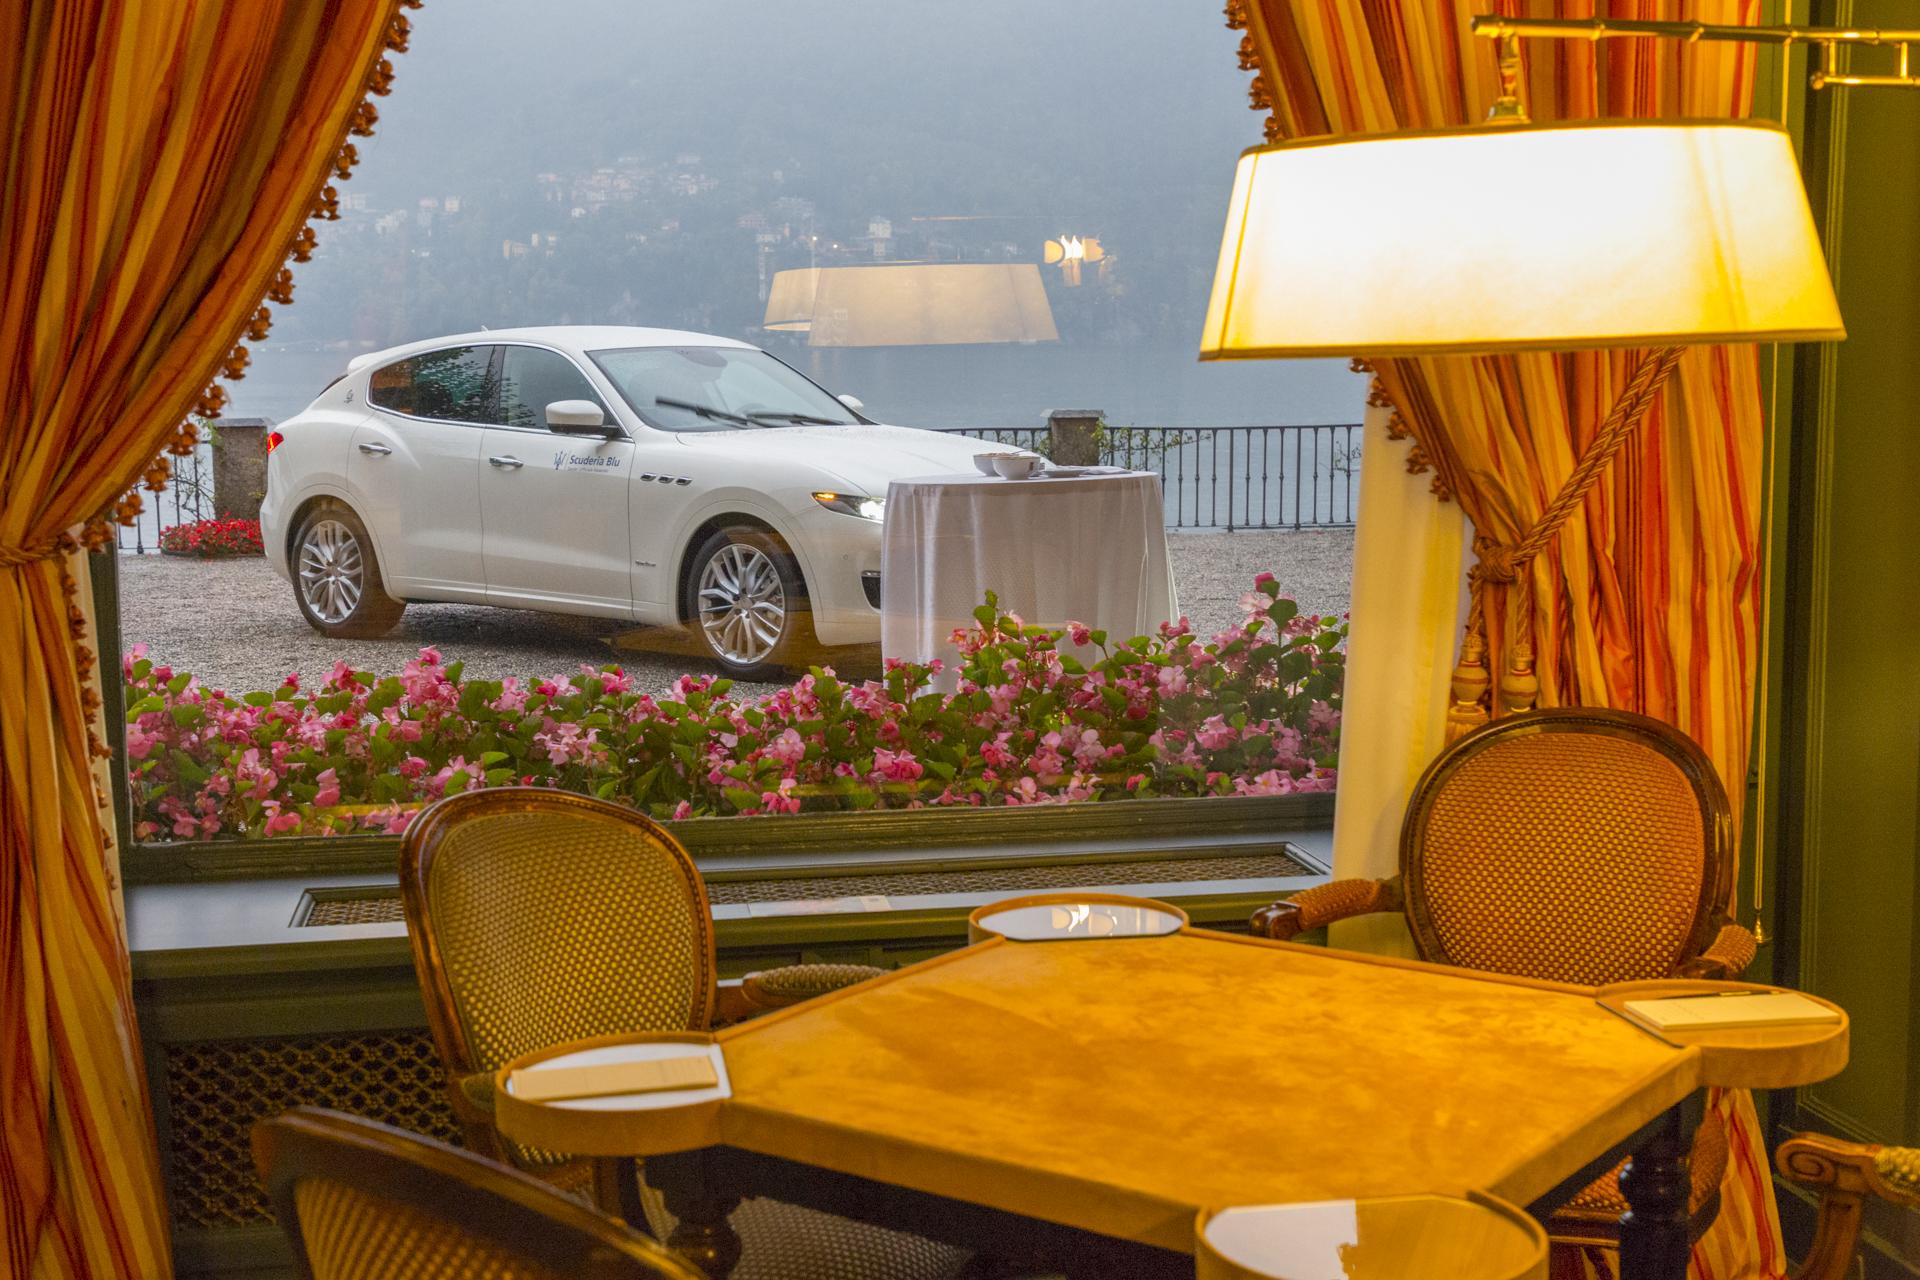 Maserati Levante - Villa d'Este 2